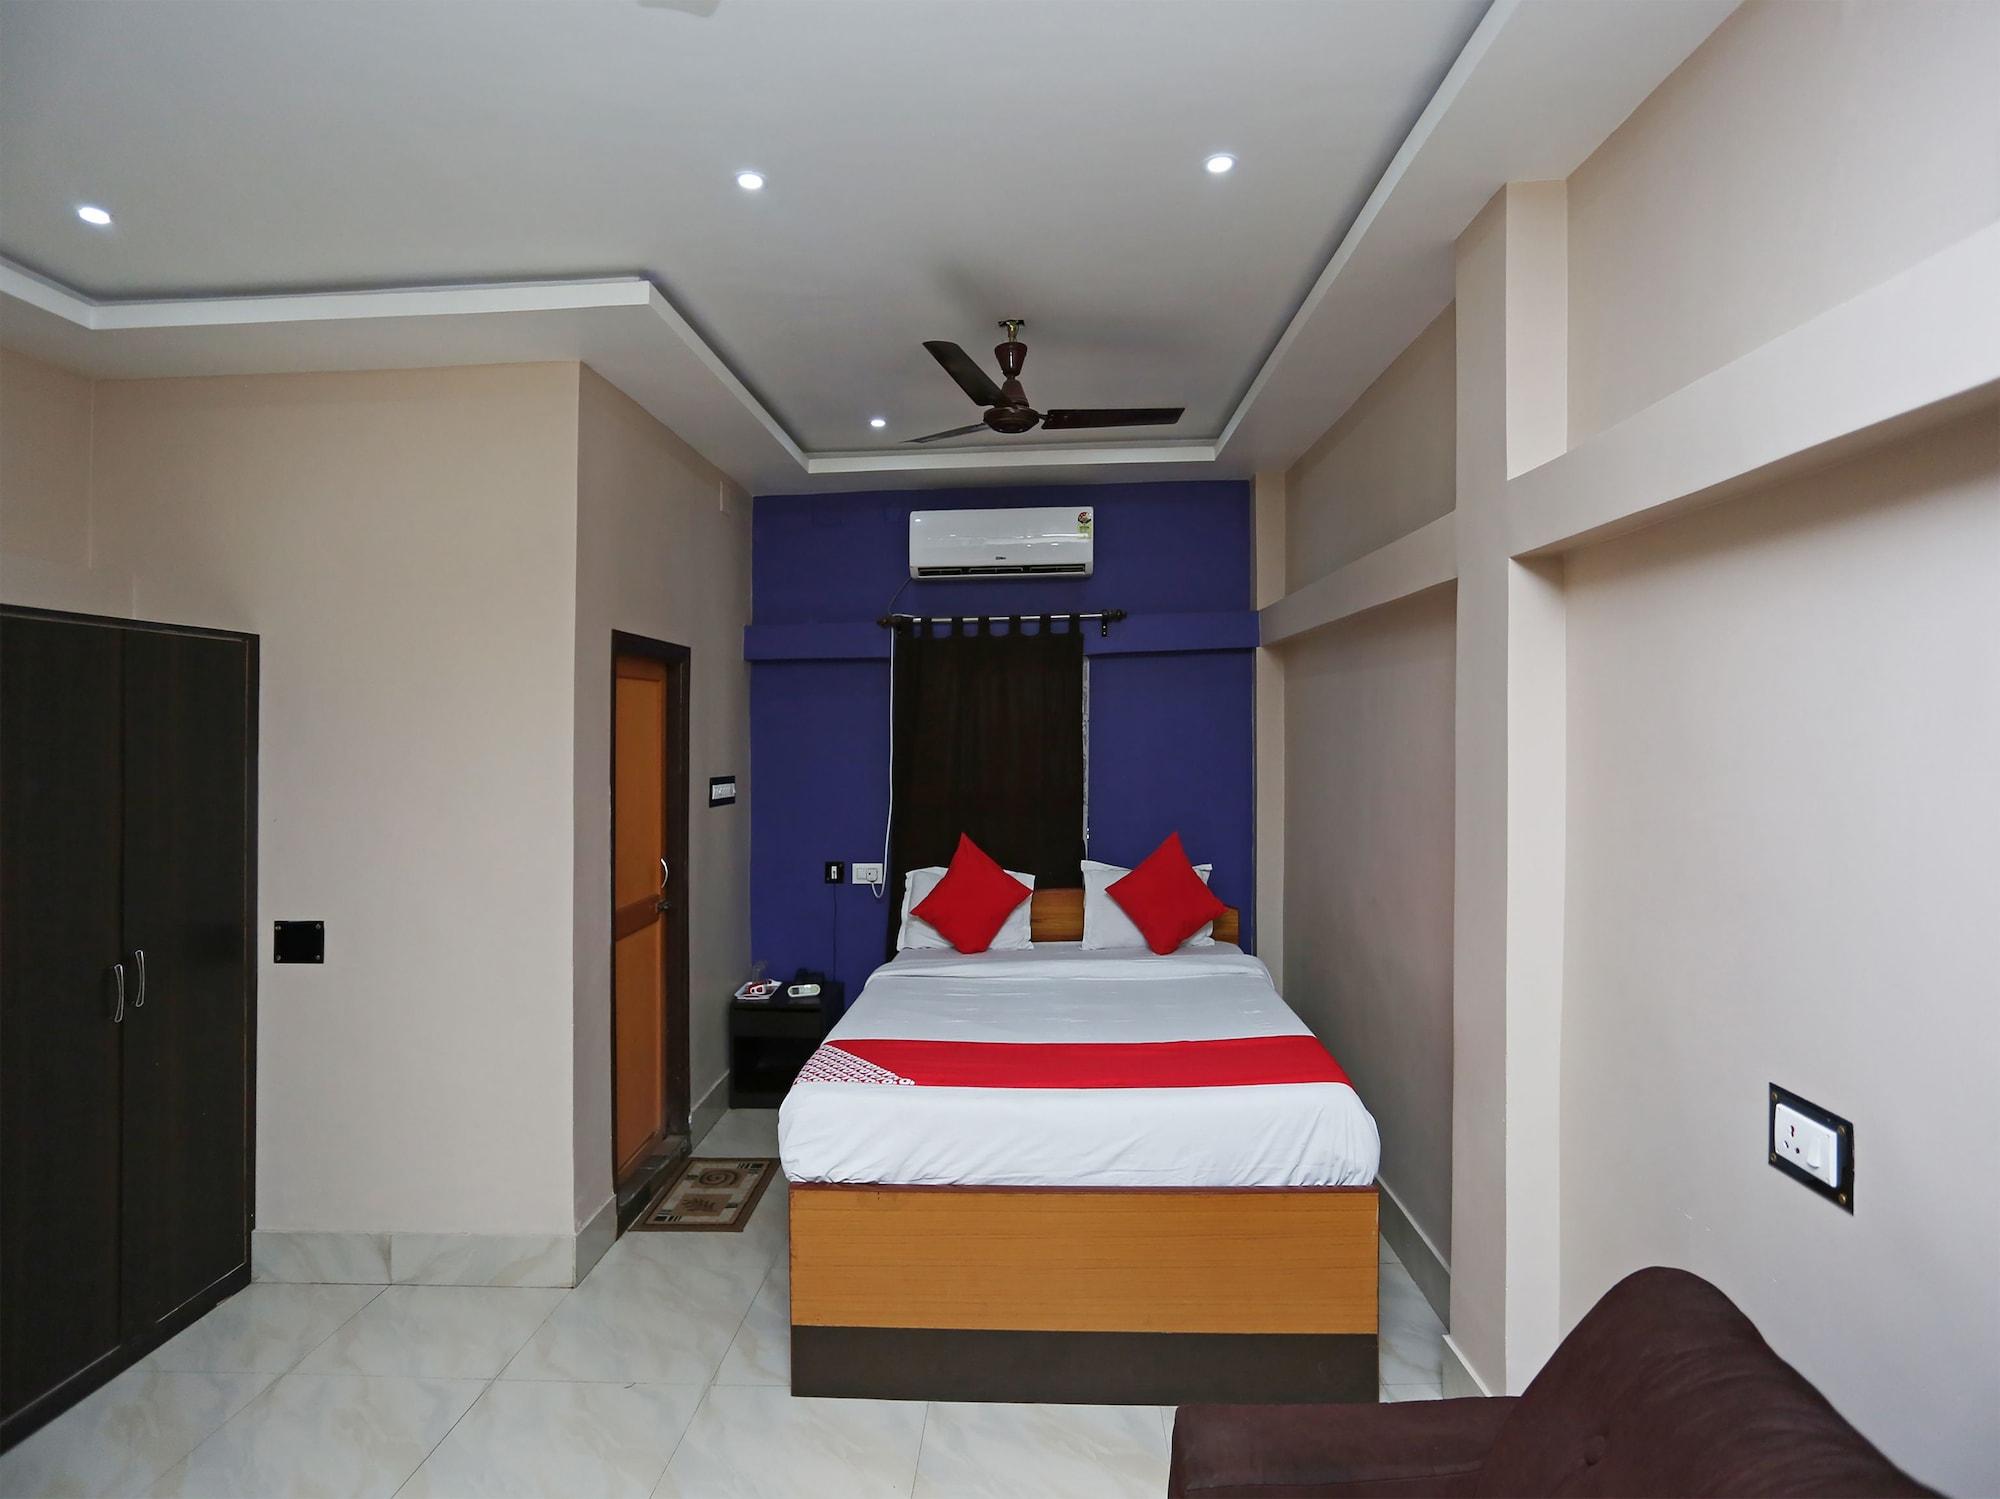 OYO 35739 Samriddhi Banquet Garden & Resorts, Murshidabad